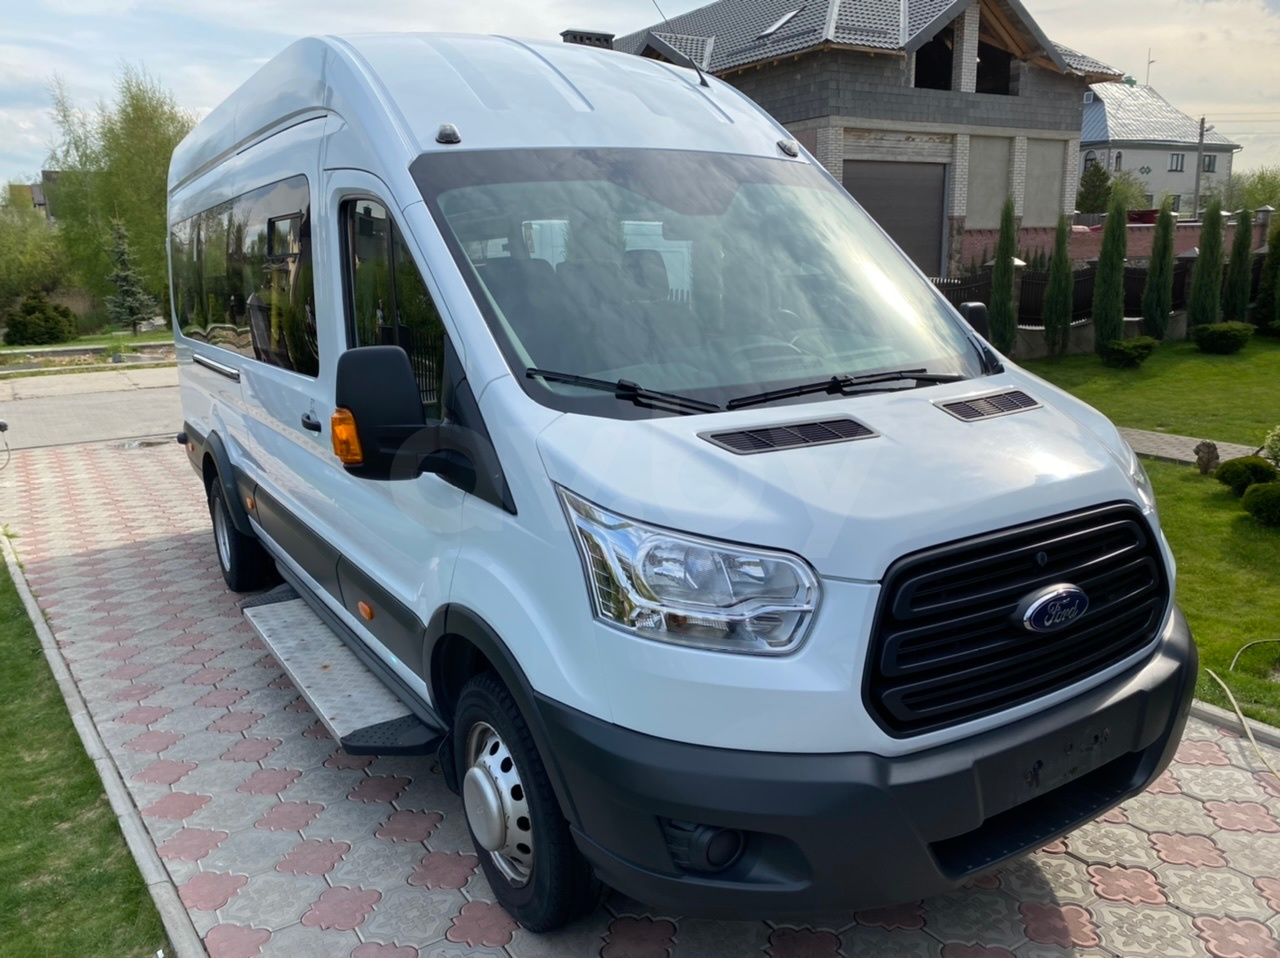 Ford Transit, 2015 г.